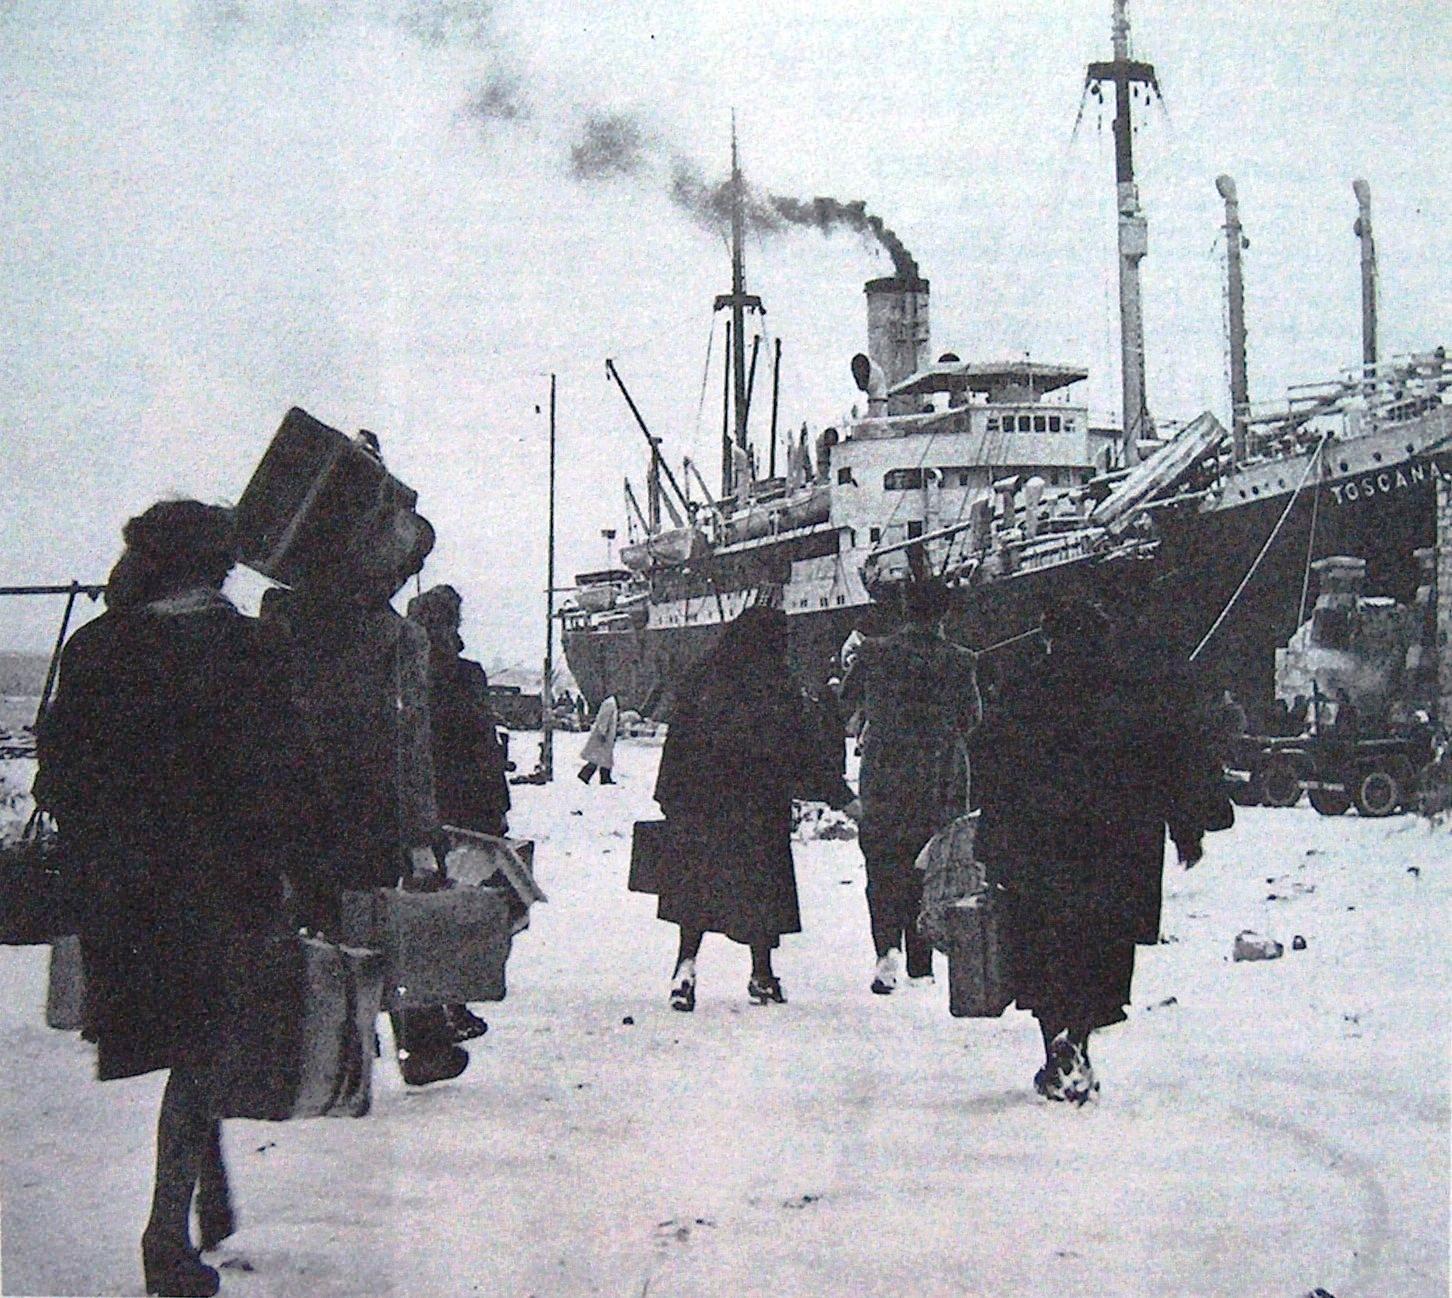 Febbraio 1947. Profughi in partenza da Pola. Foto via Wikimedia Commons. Giorno del Ricordo a Sassuolo